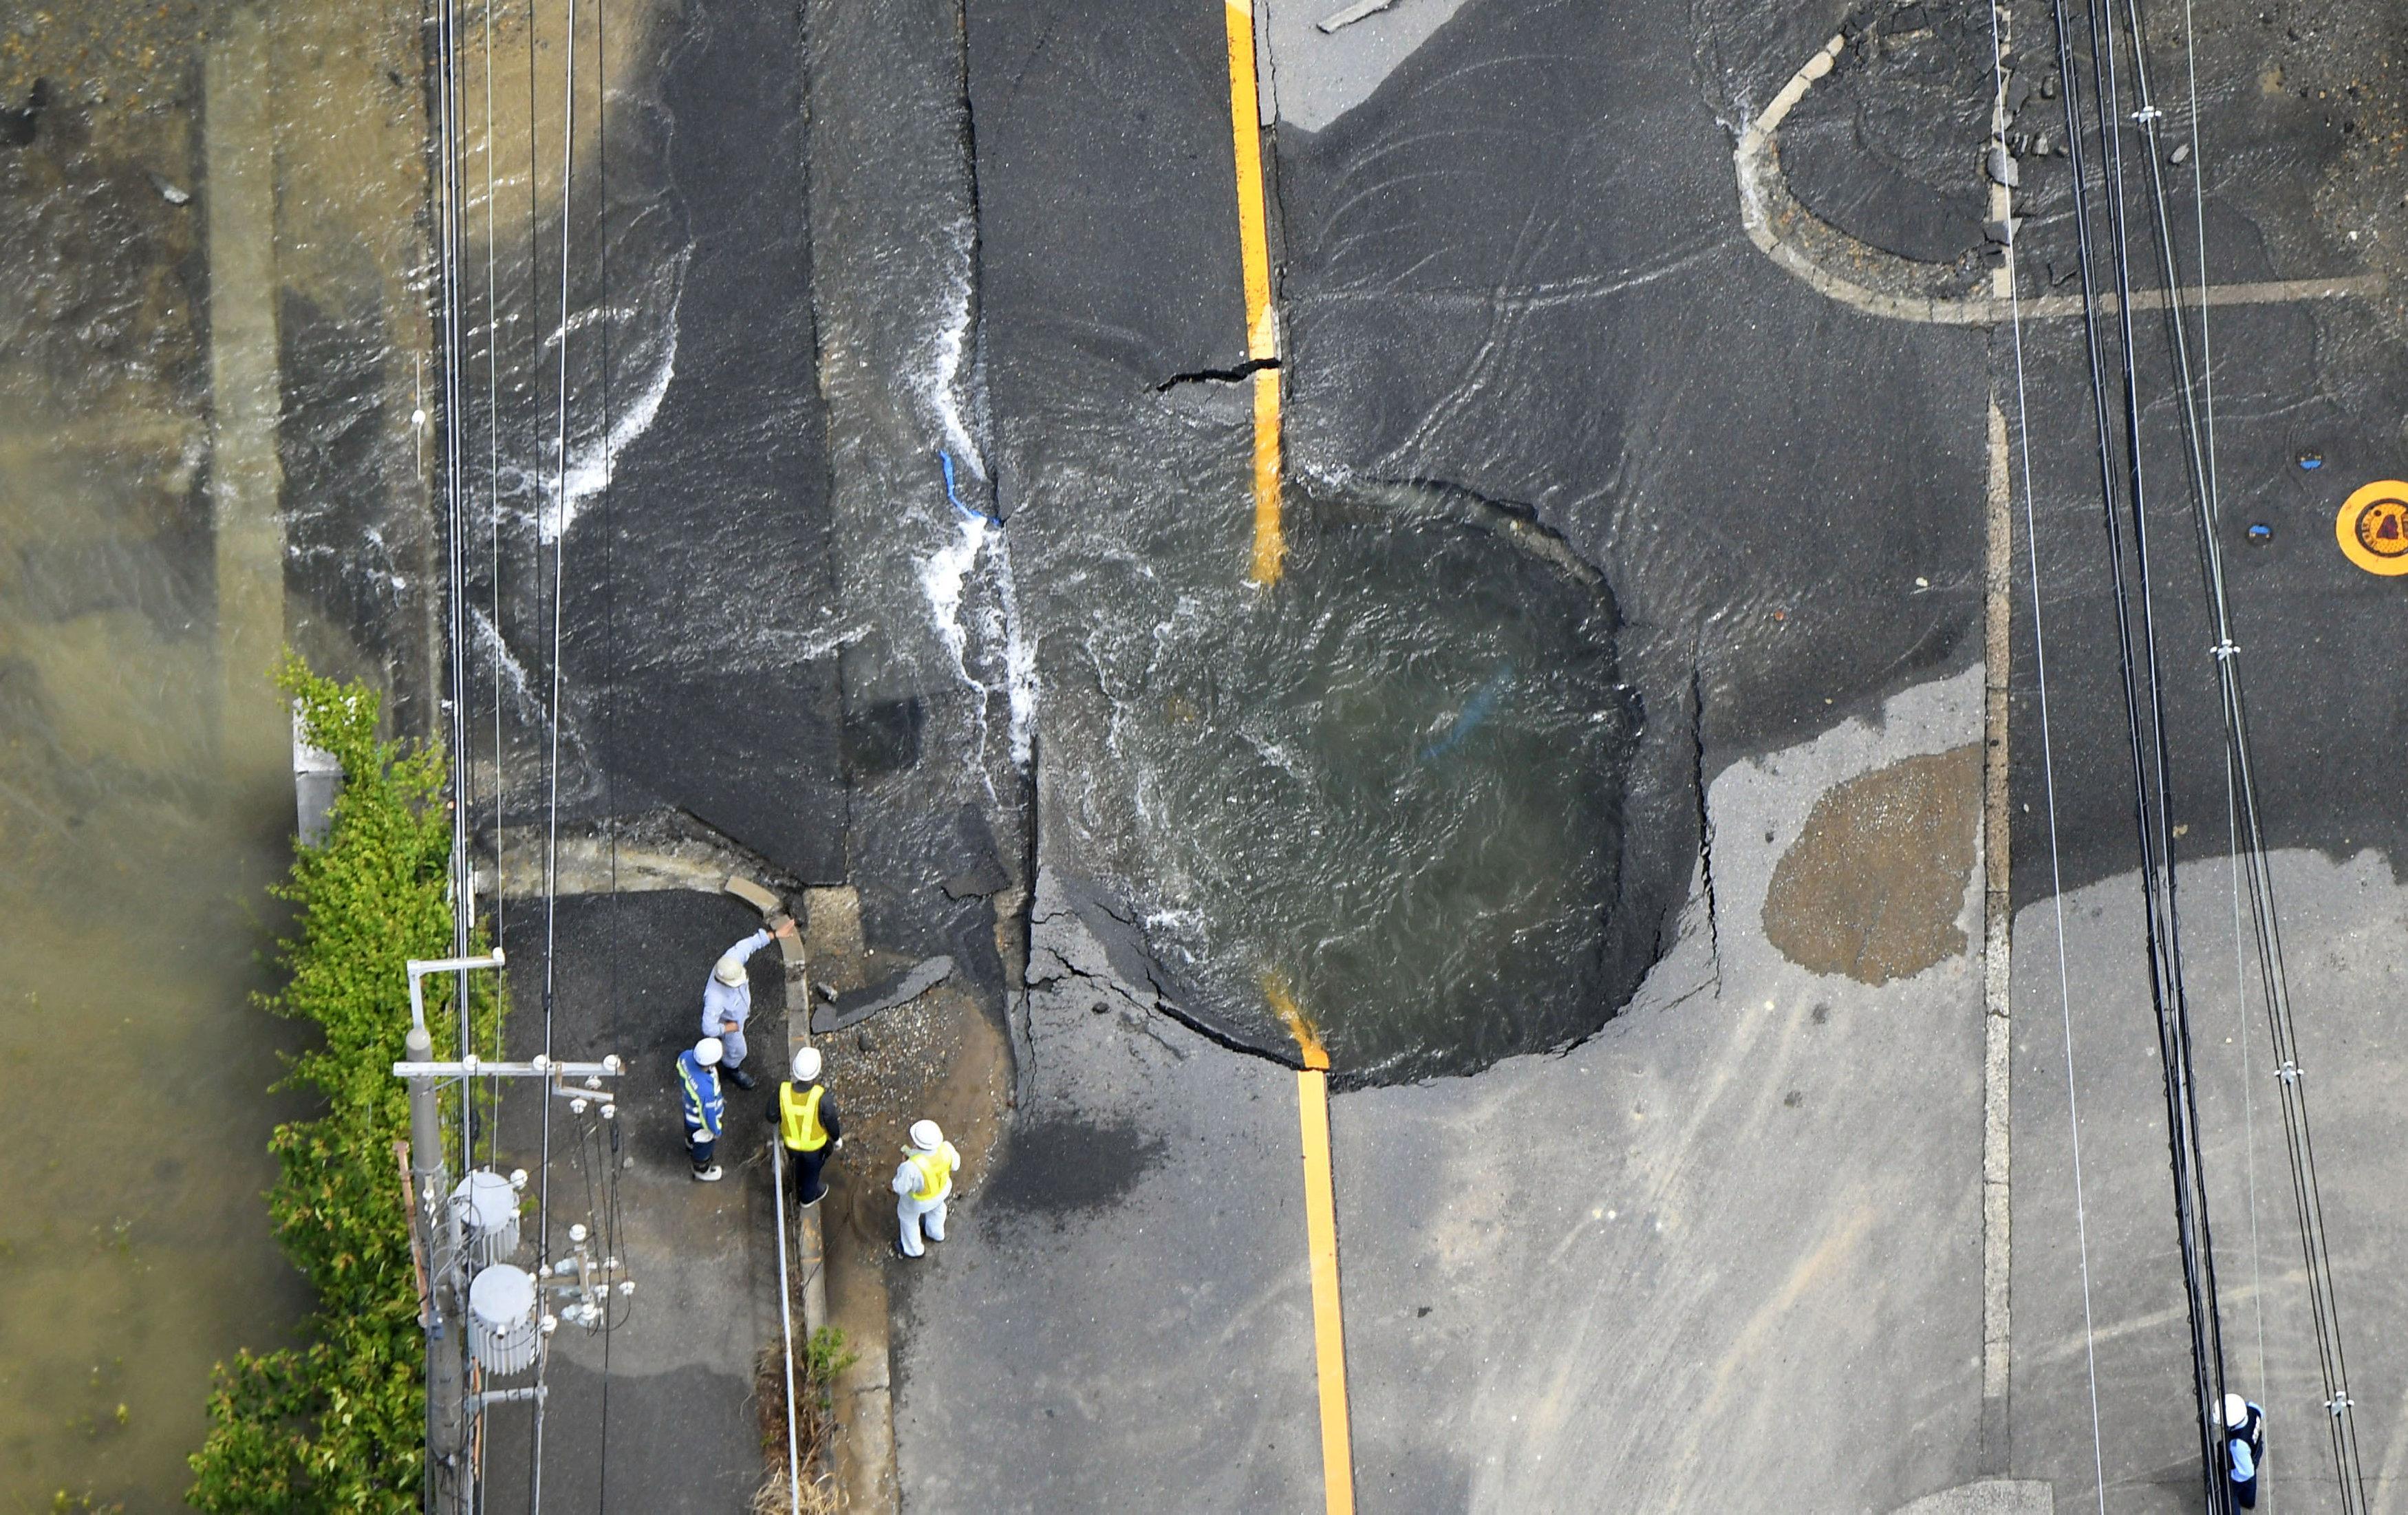 ترشيح مياه على الطرق بعد تشققها بفعل الزلزال